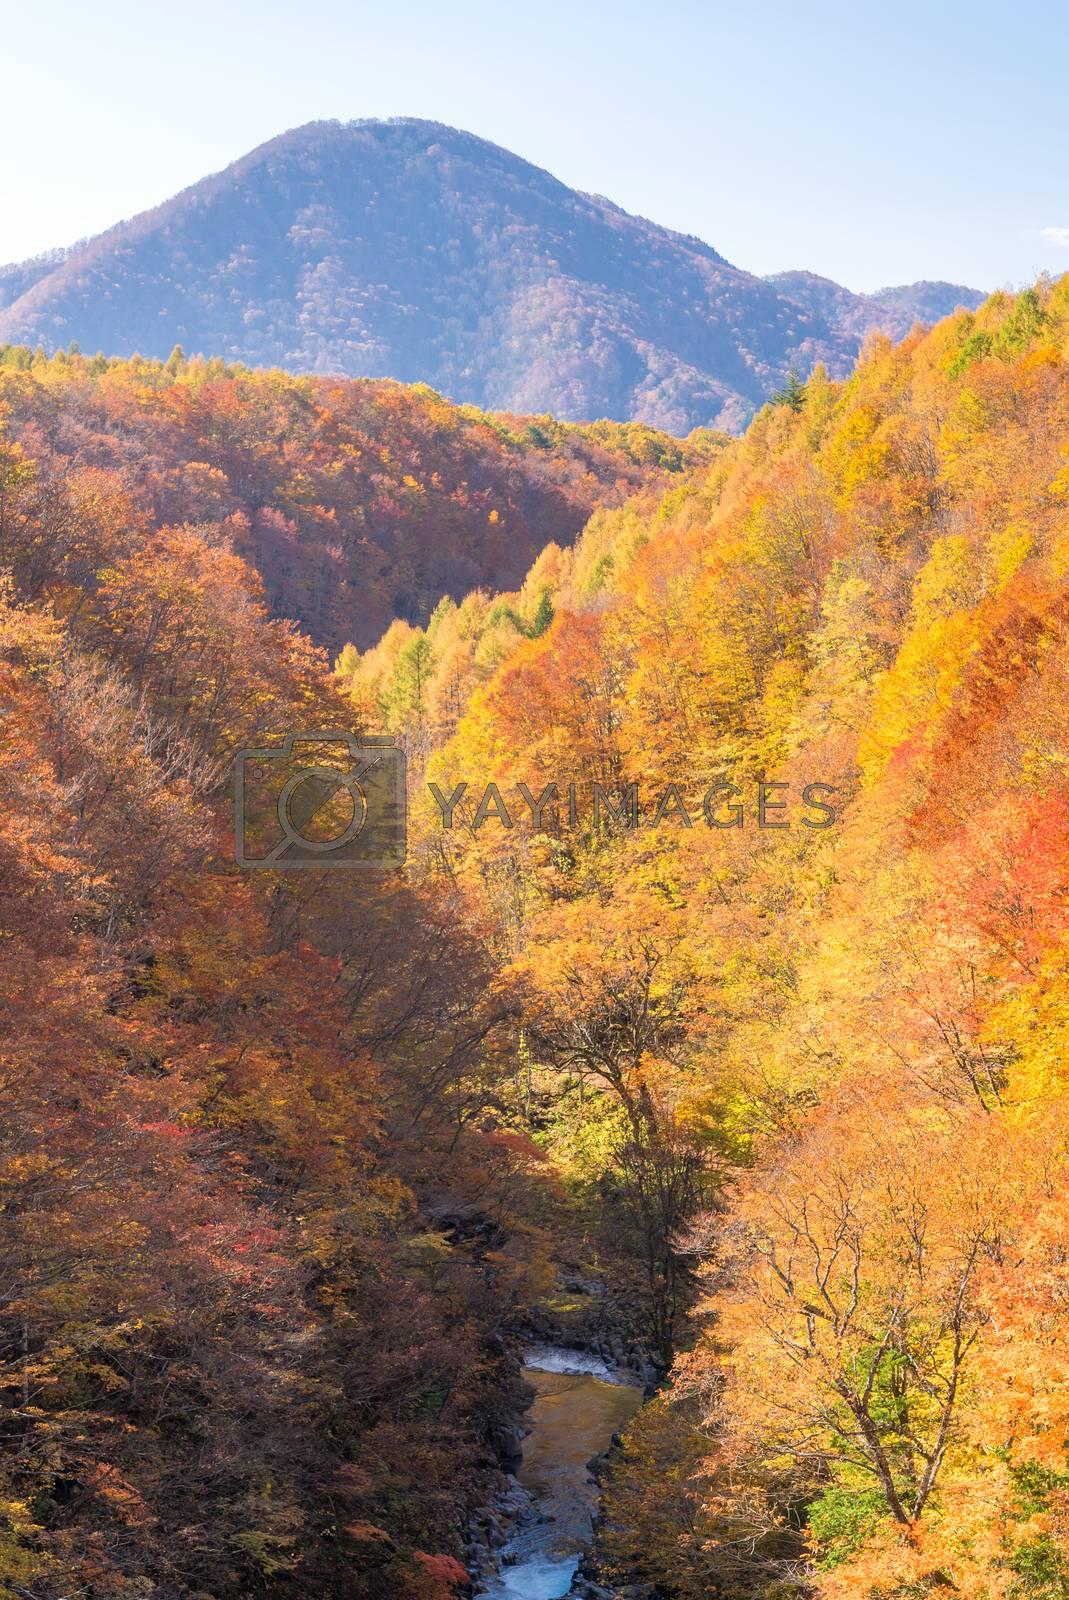 Nakatsugawa gorge from bridge at Fukushima in autumn fall Japan